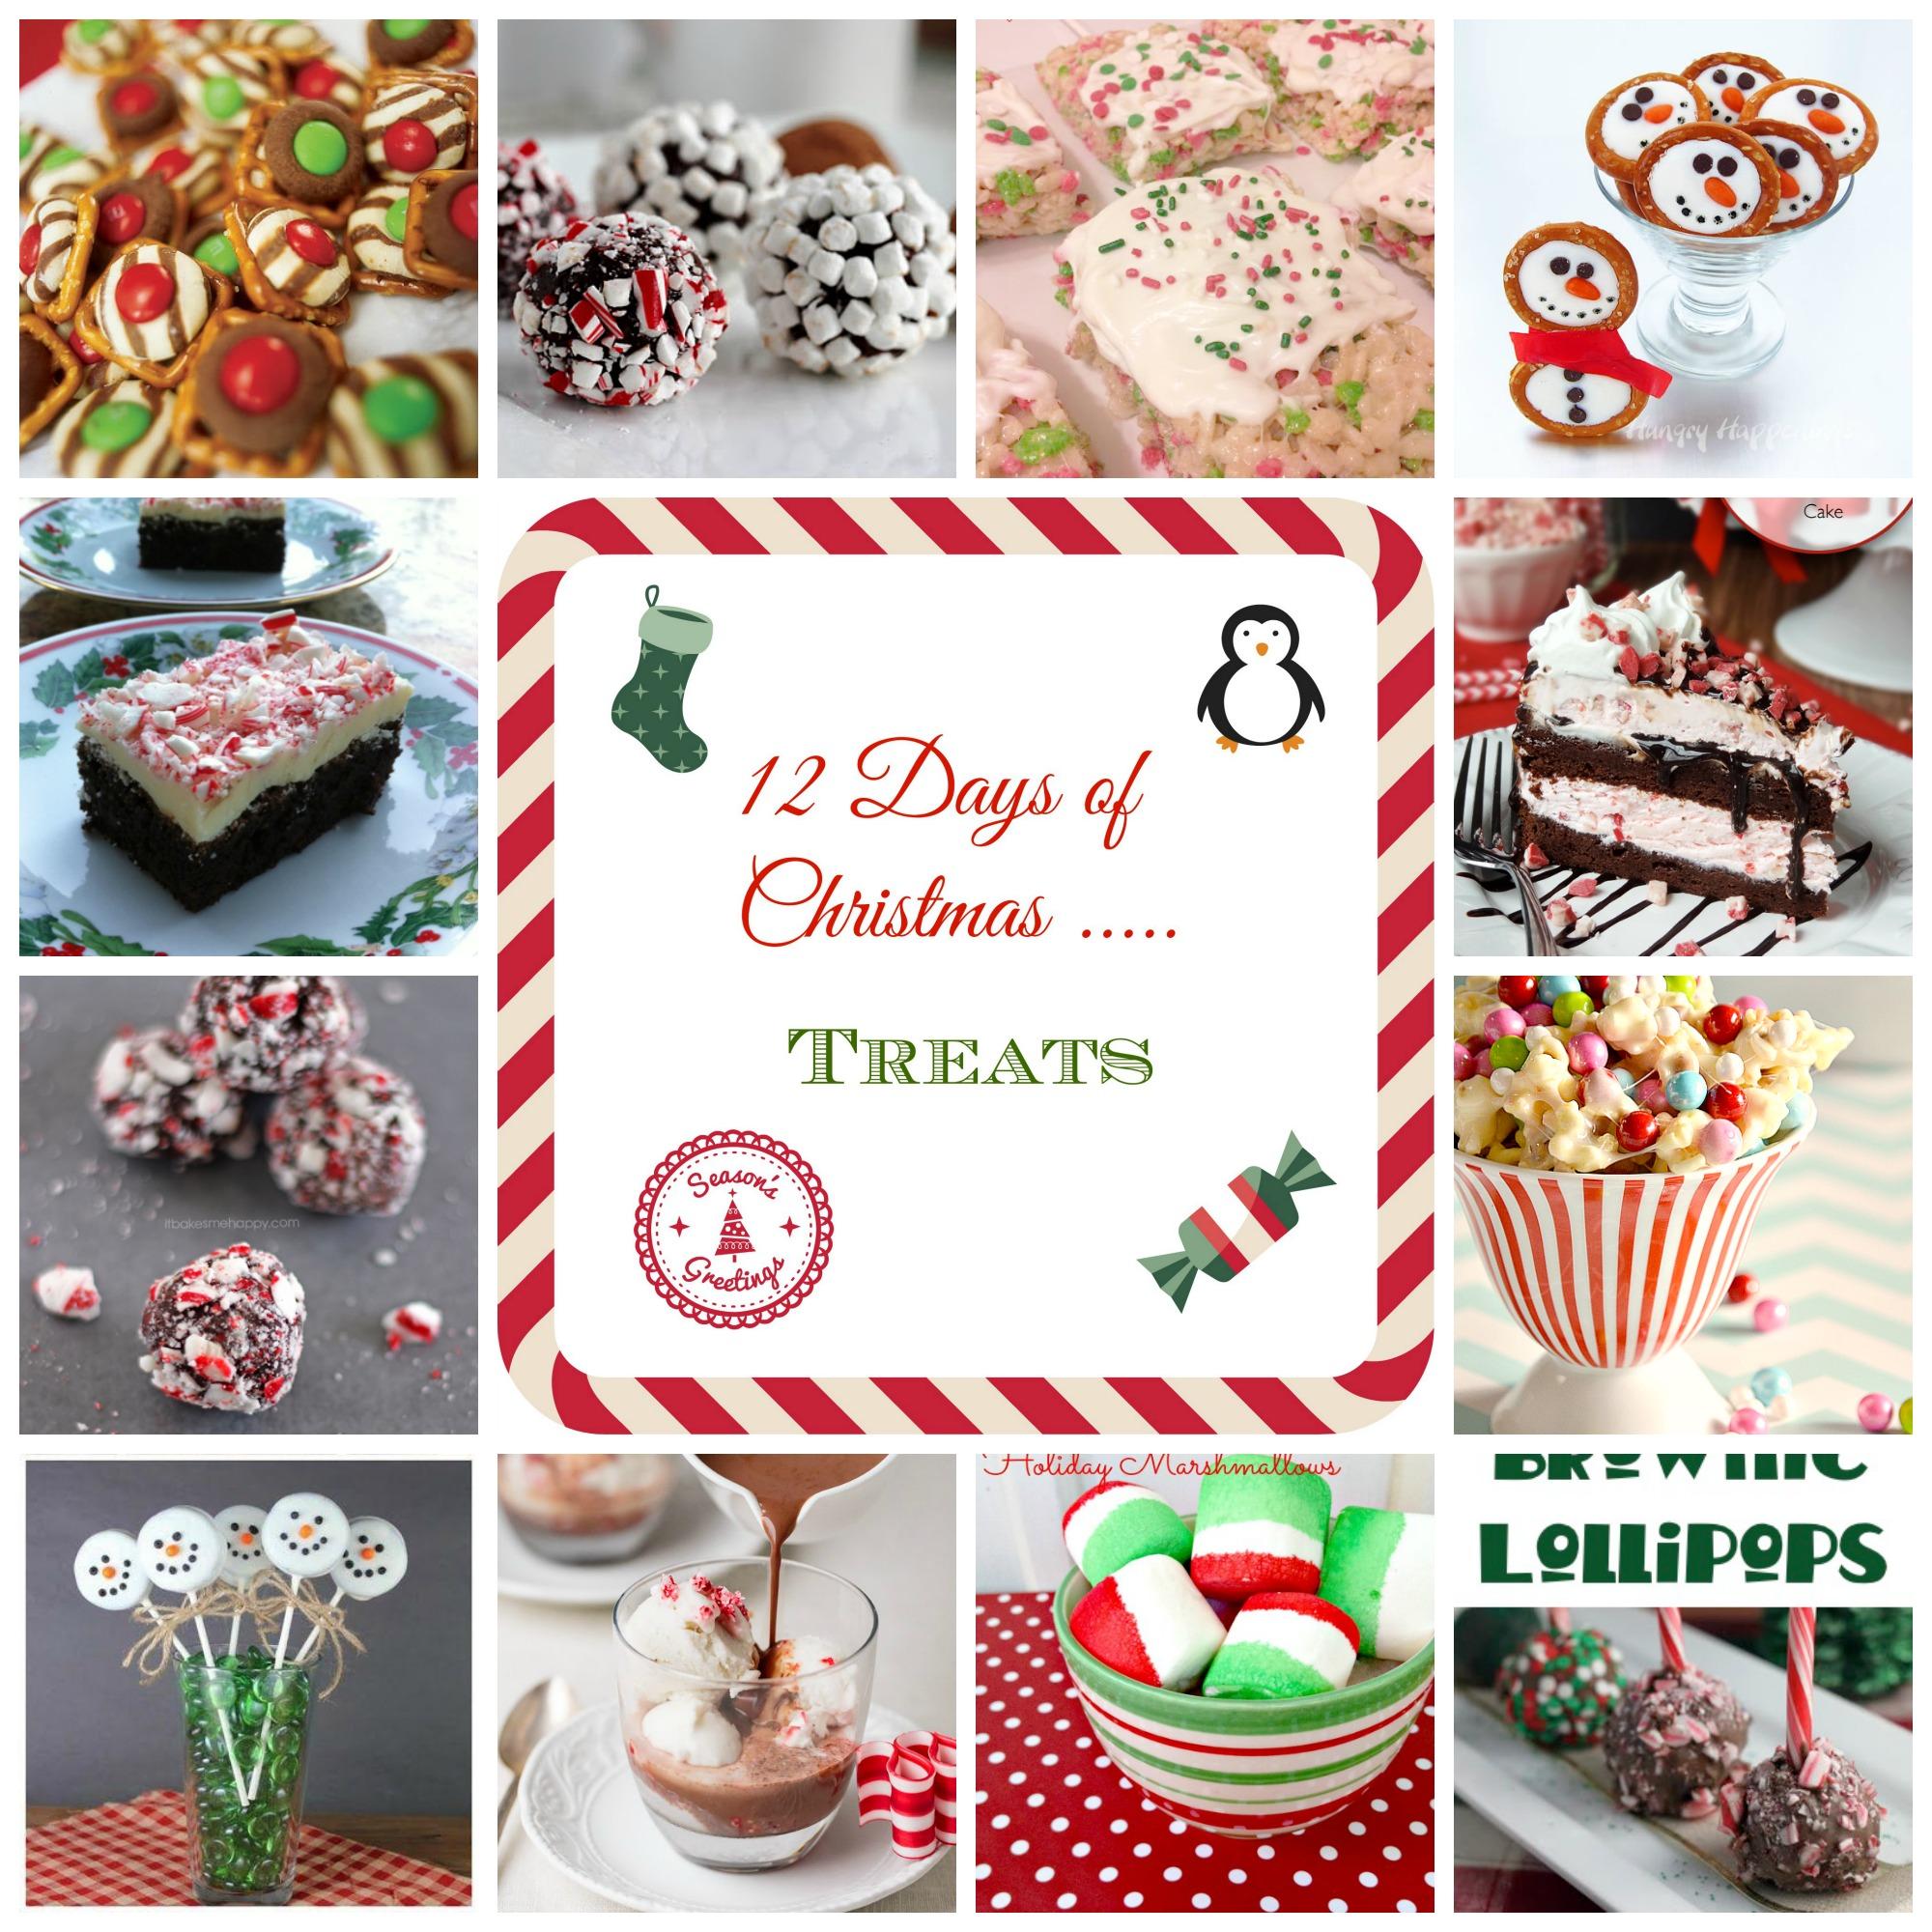 12 Days of Christmas - Christmas Treats